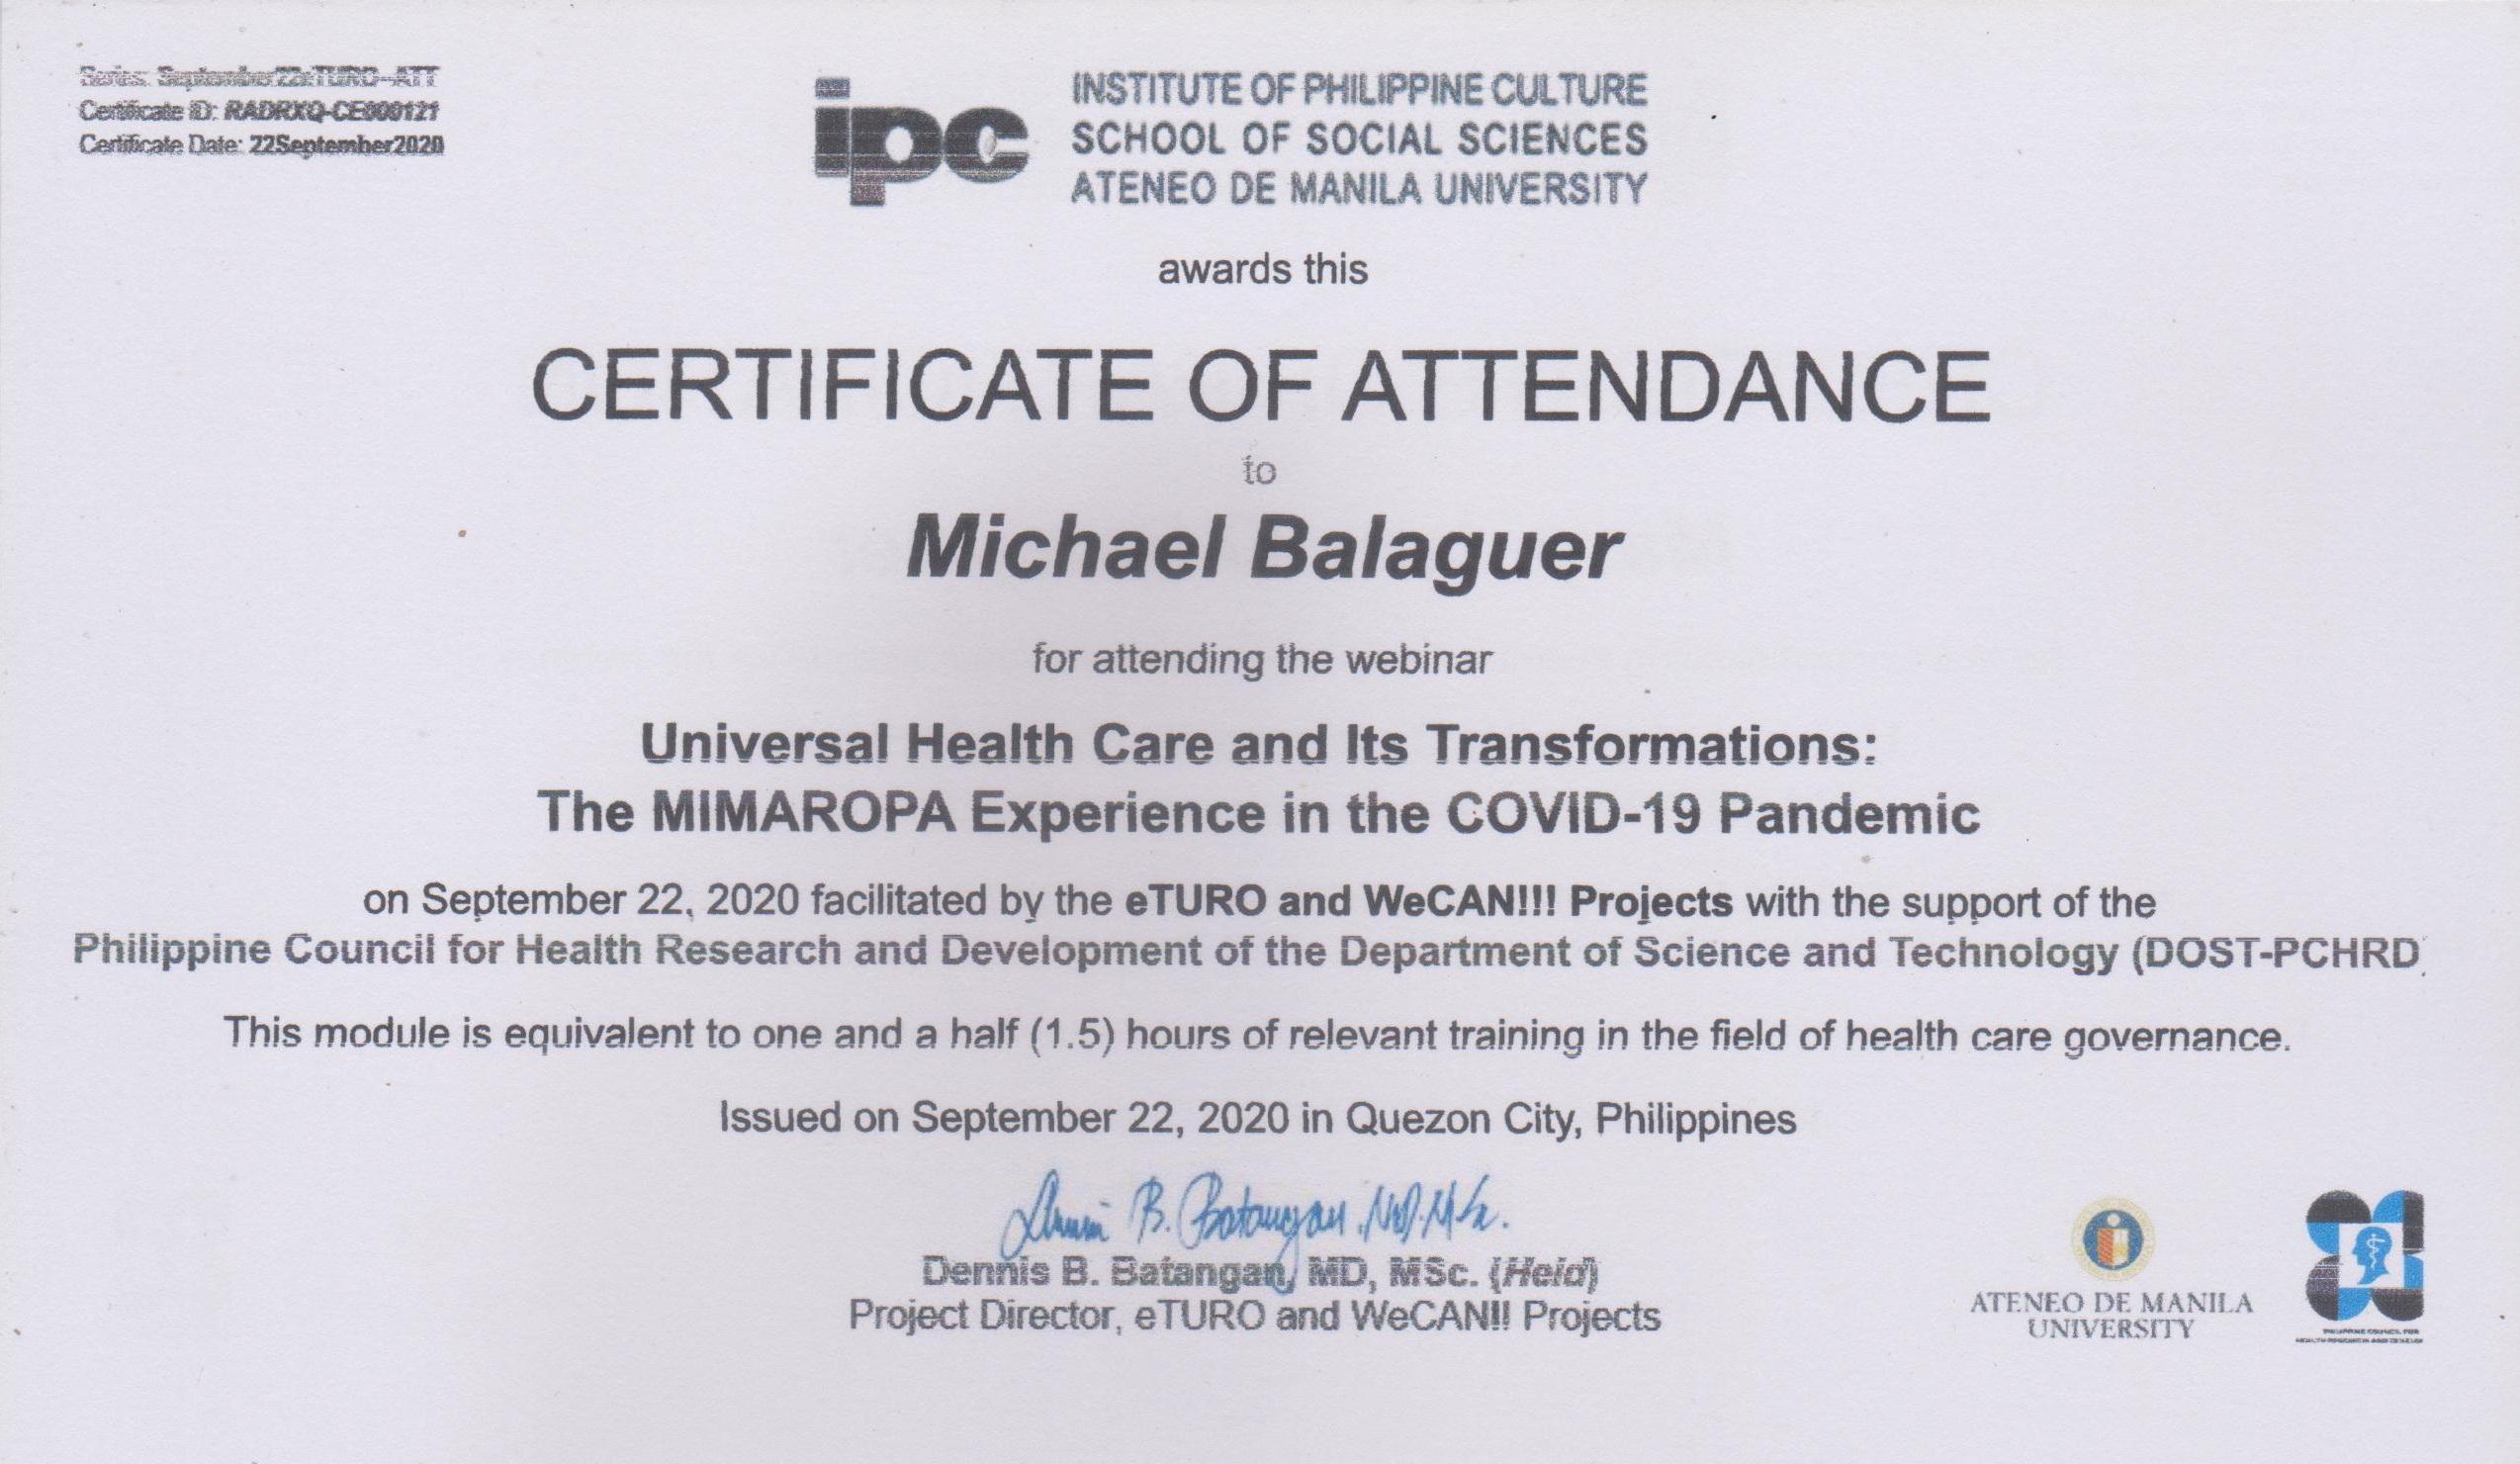 Michael Balaguer Certificate of Attendance